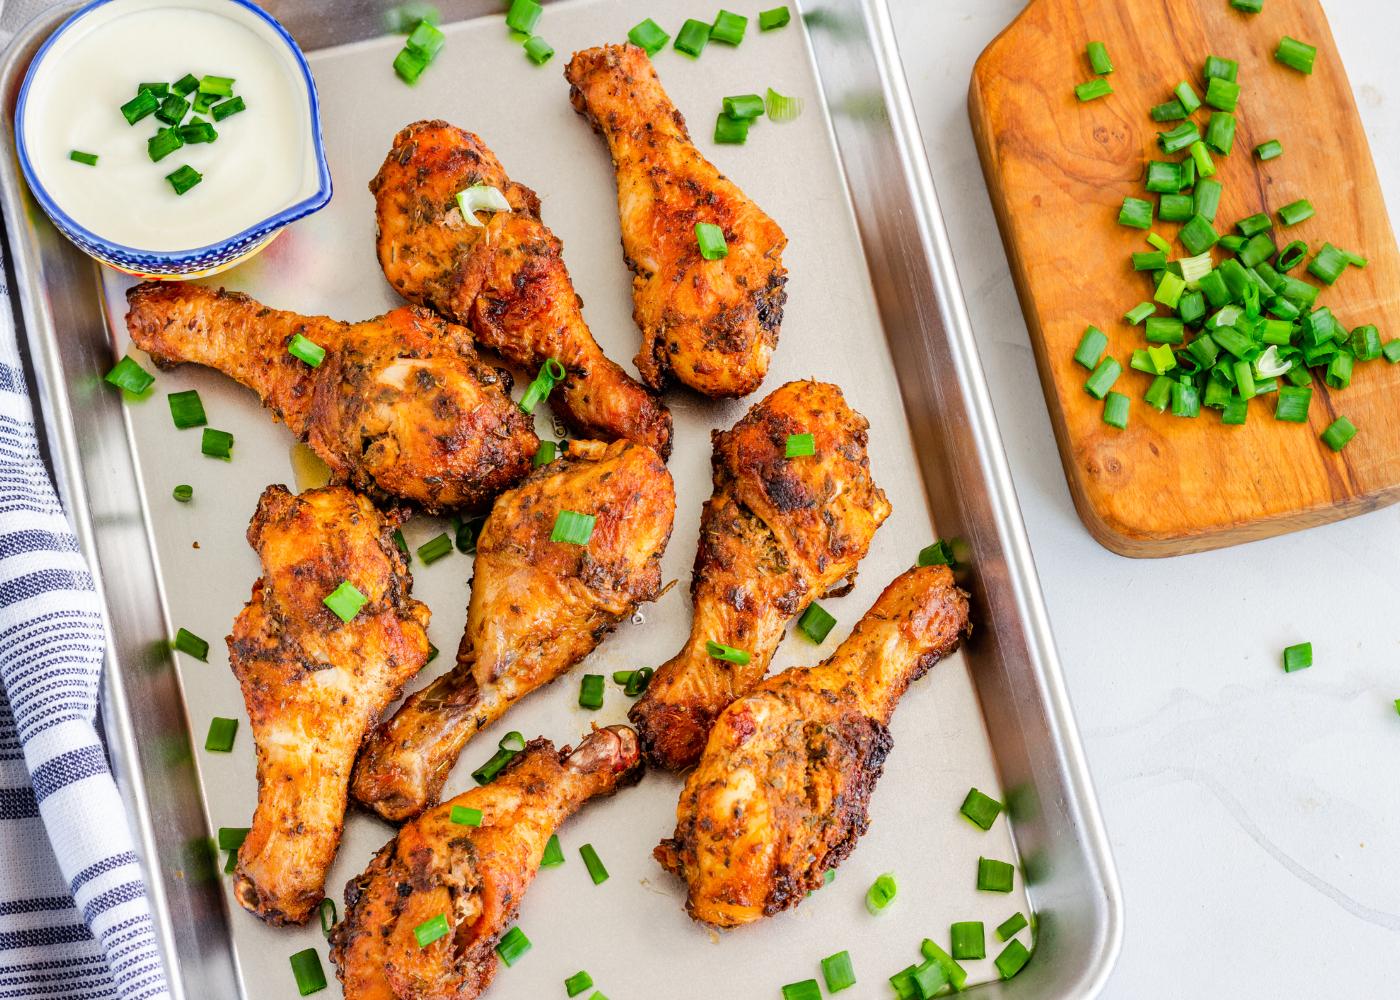 coxa de frango: 5 maneiras apetitosas de preparar esta carne